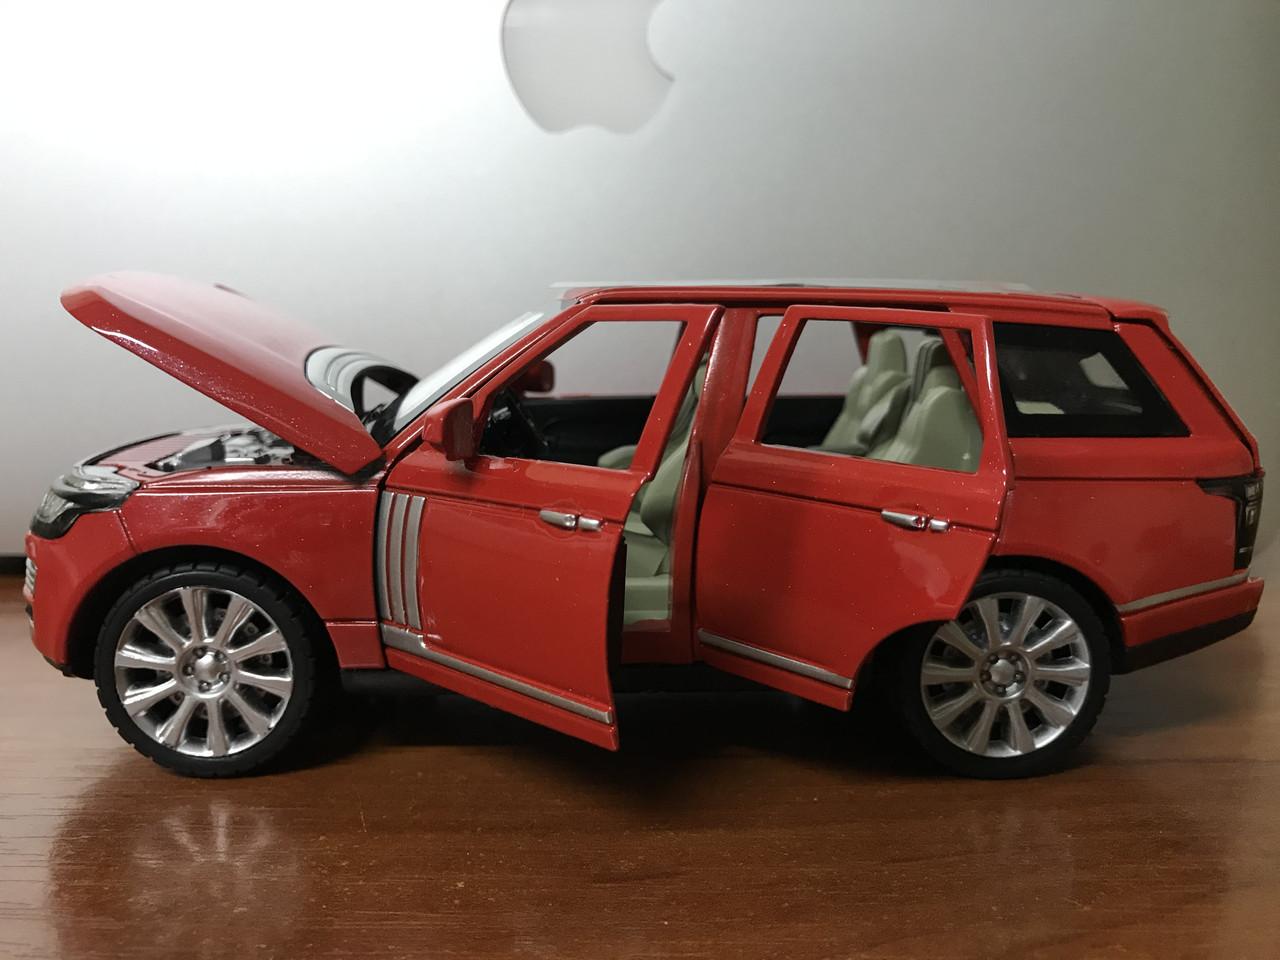 Машинка коллекционная Range Rover, красный 1:24 XLG